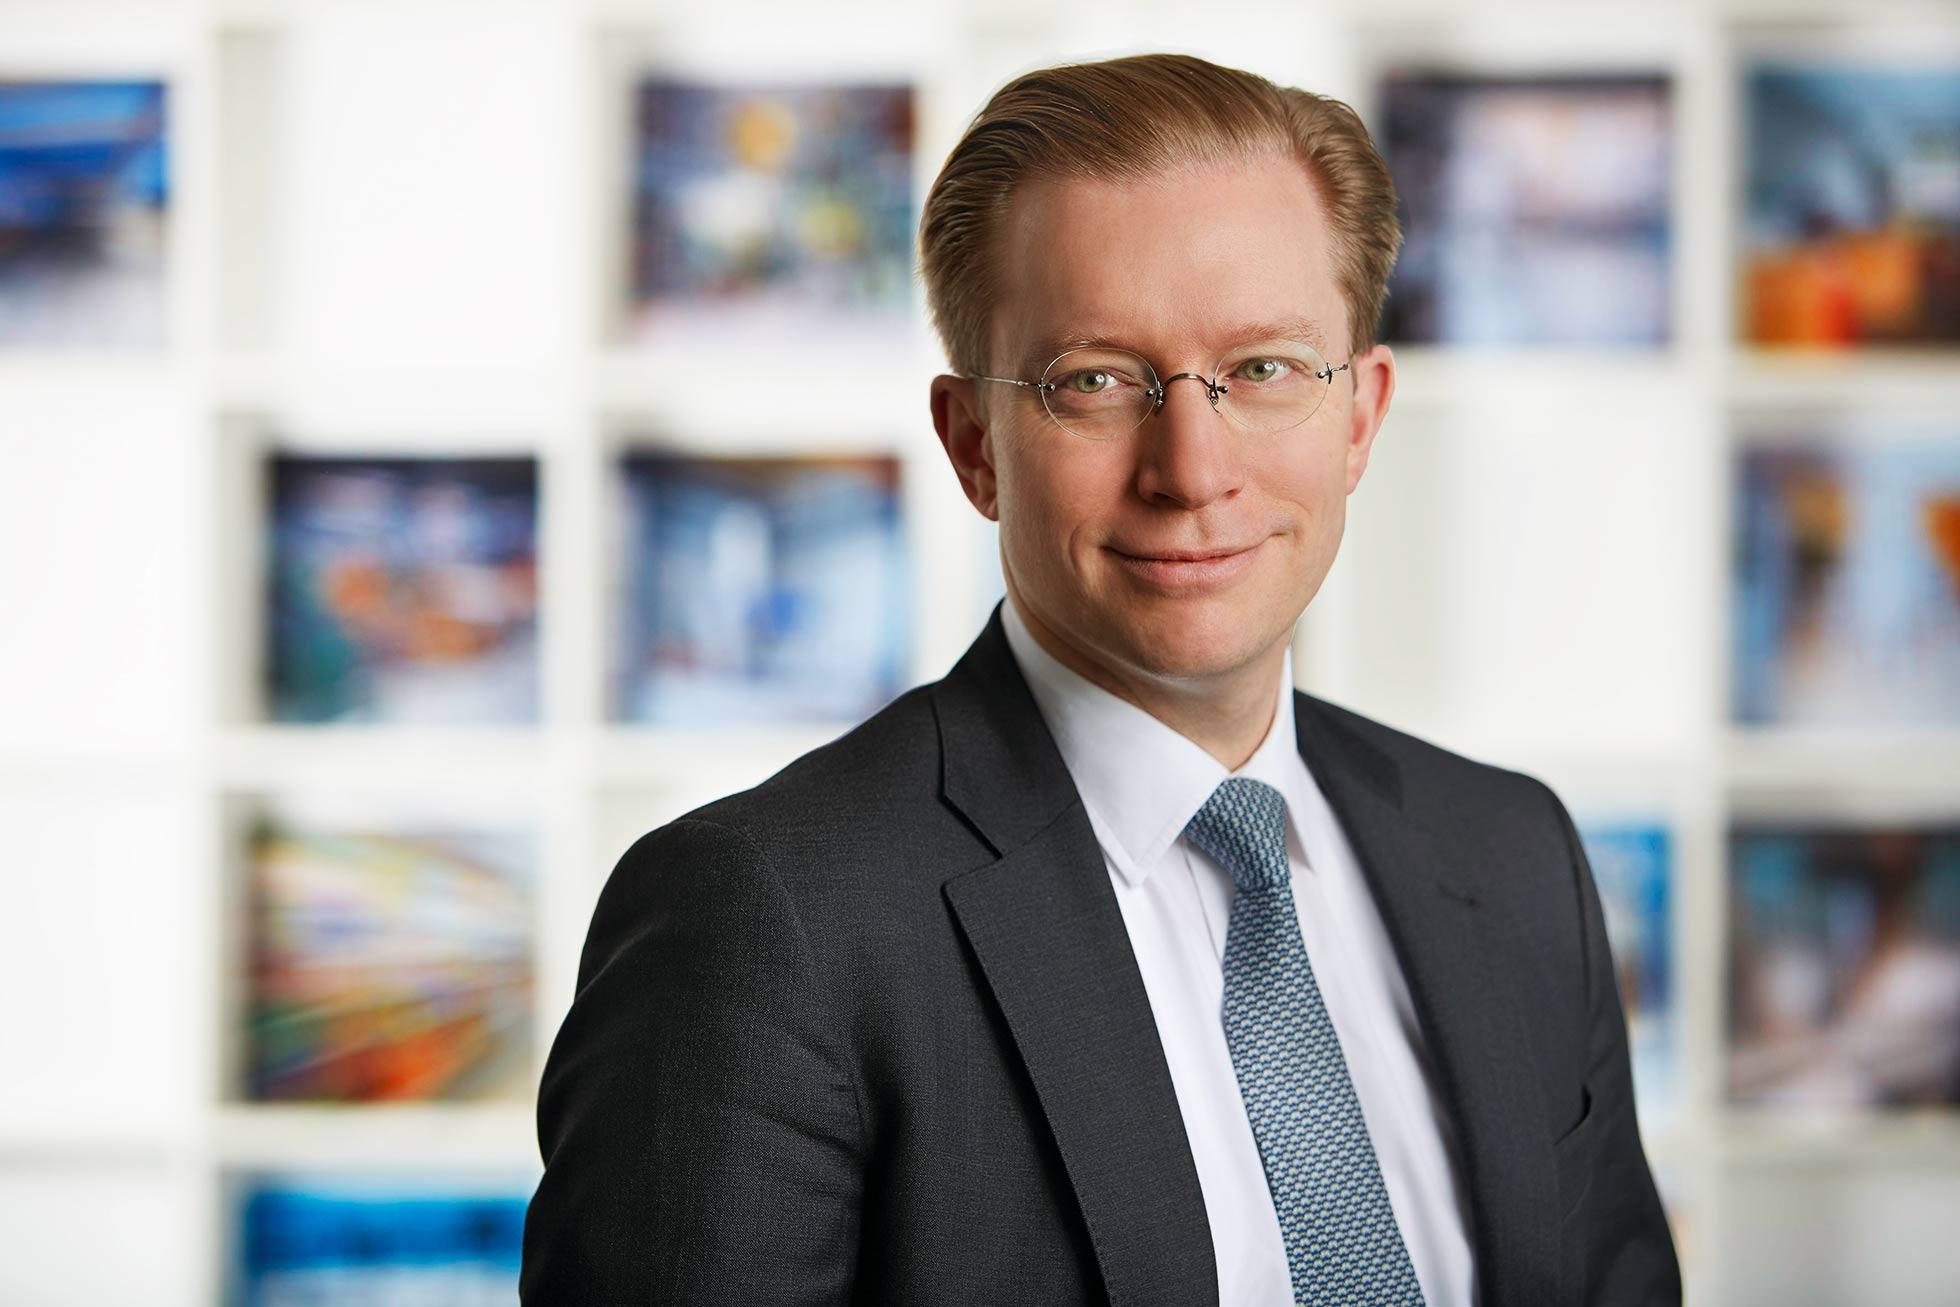 Dr. Robert Schiebe ist Fachanwalt für Insolvenzrecht und einer der meistbestellten Insolvenzverwalter in Deutschland.